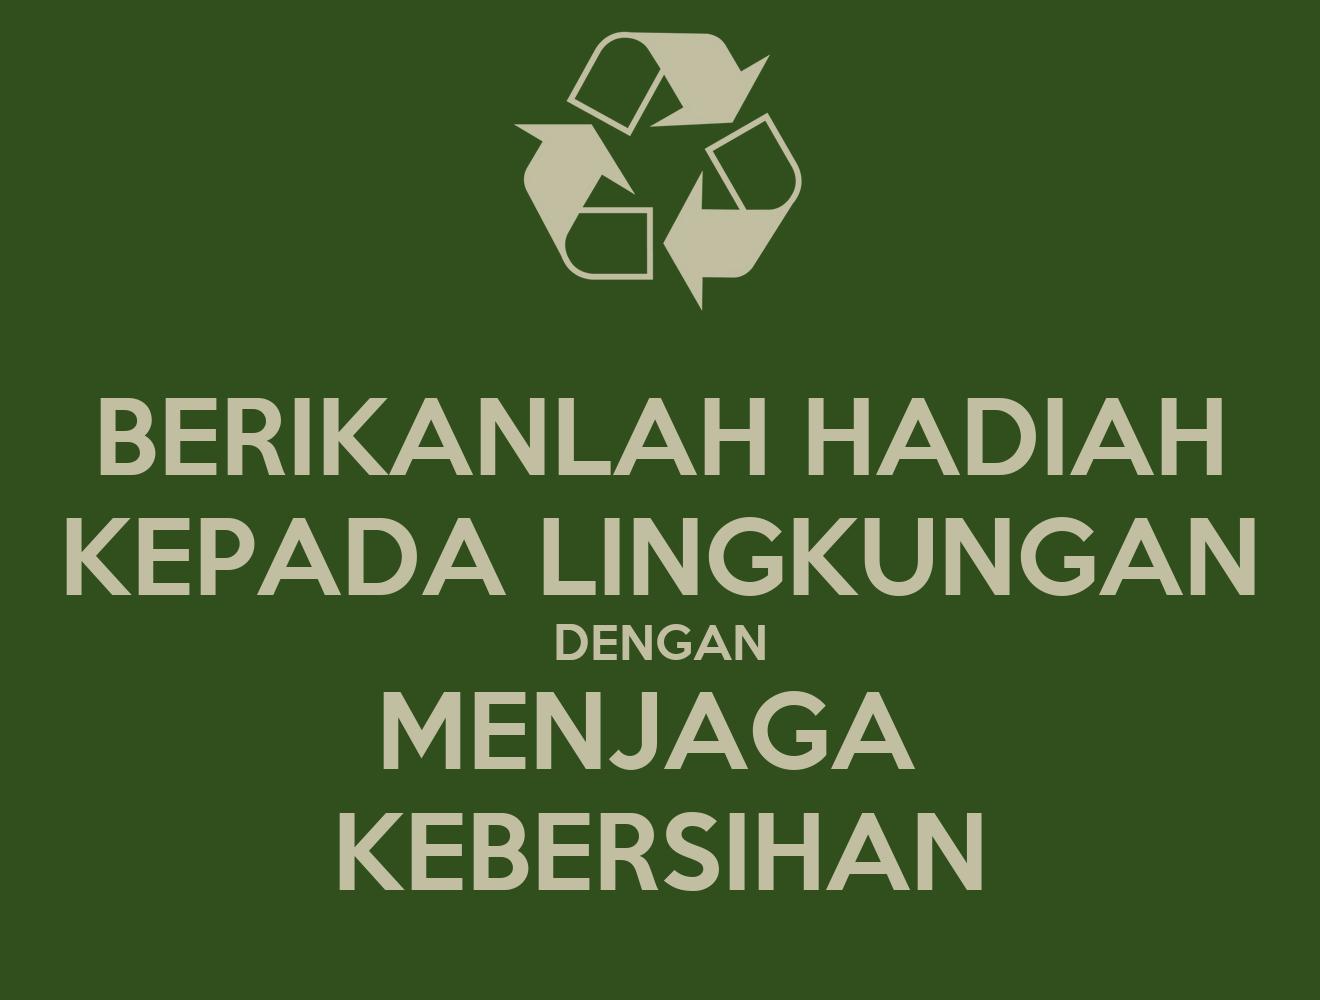 Berikanlah Hadiah Kepada Lingkungan Dengan Menjaga